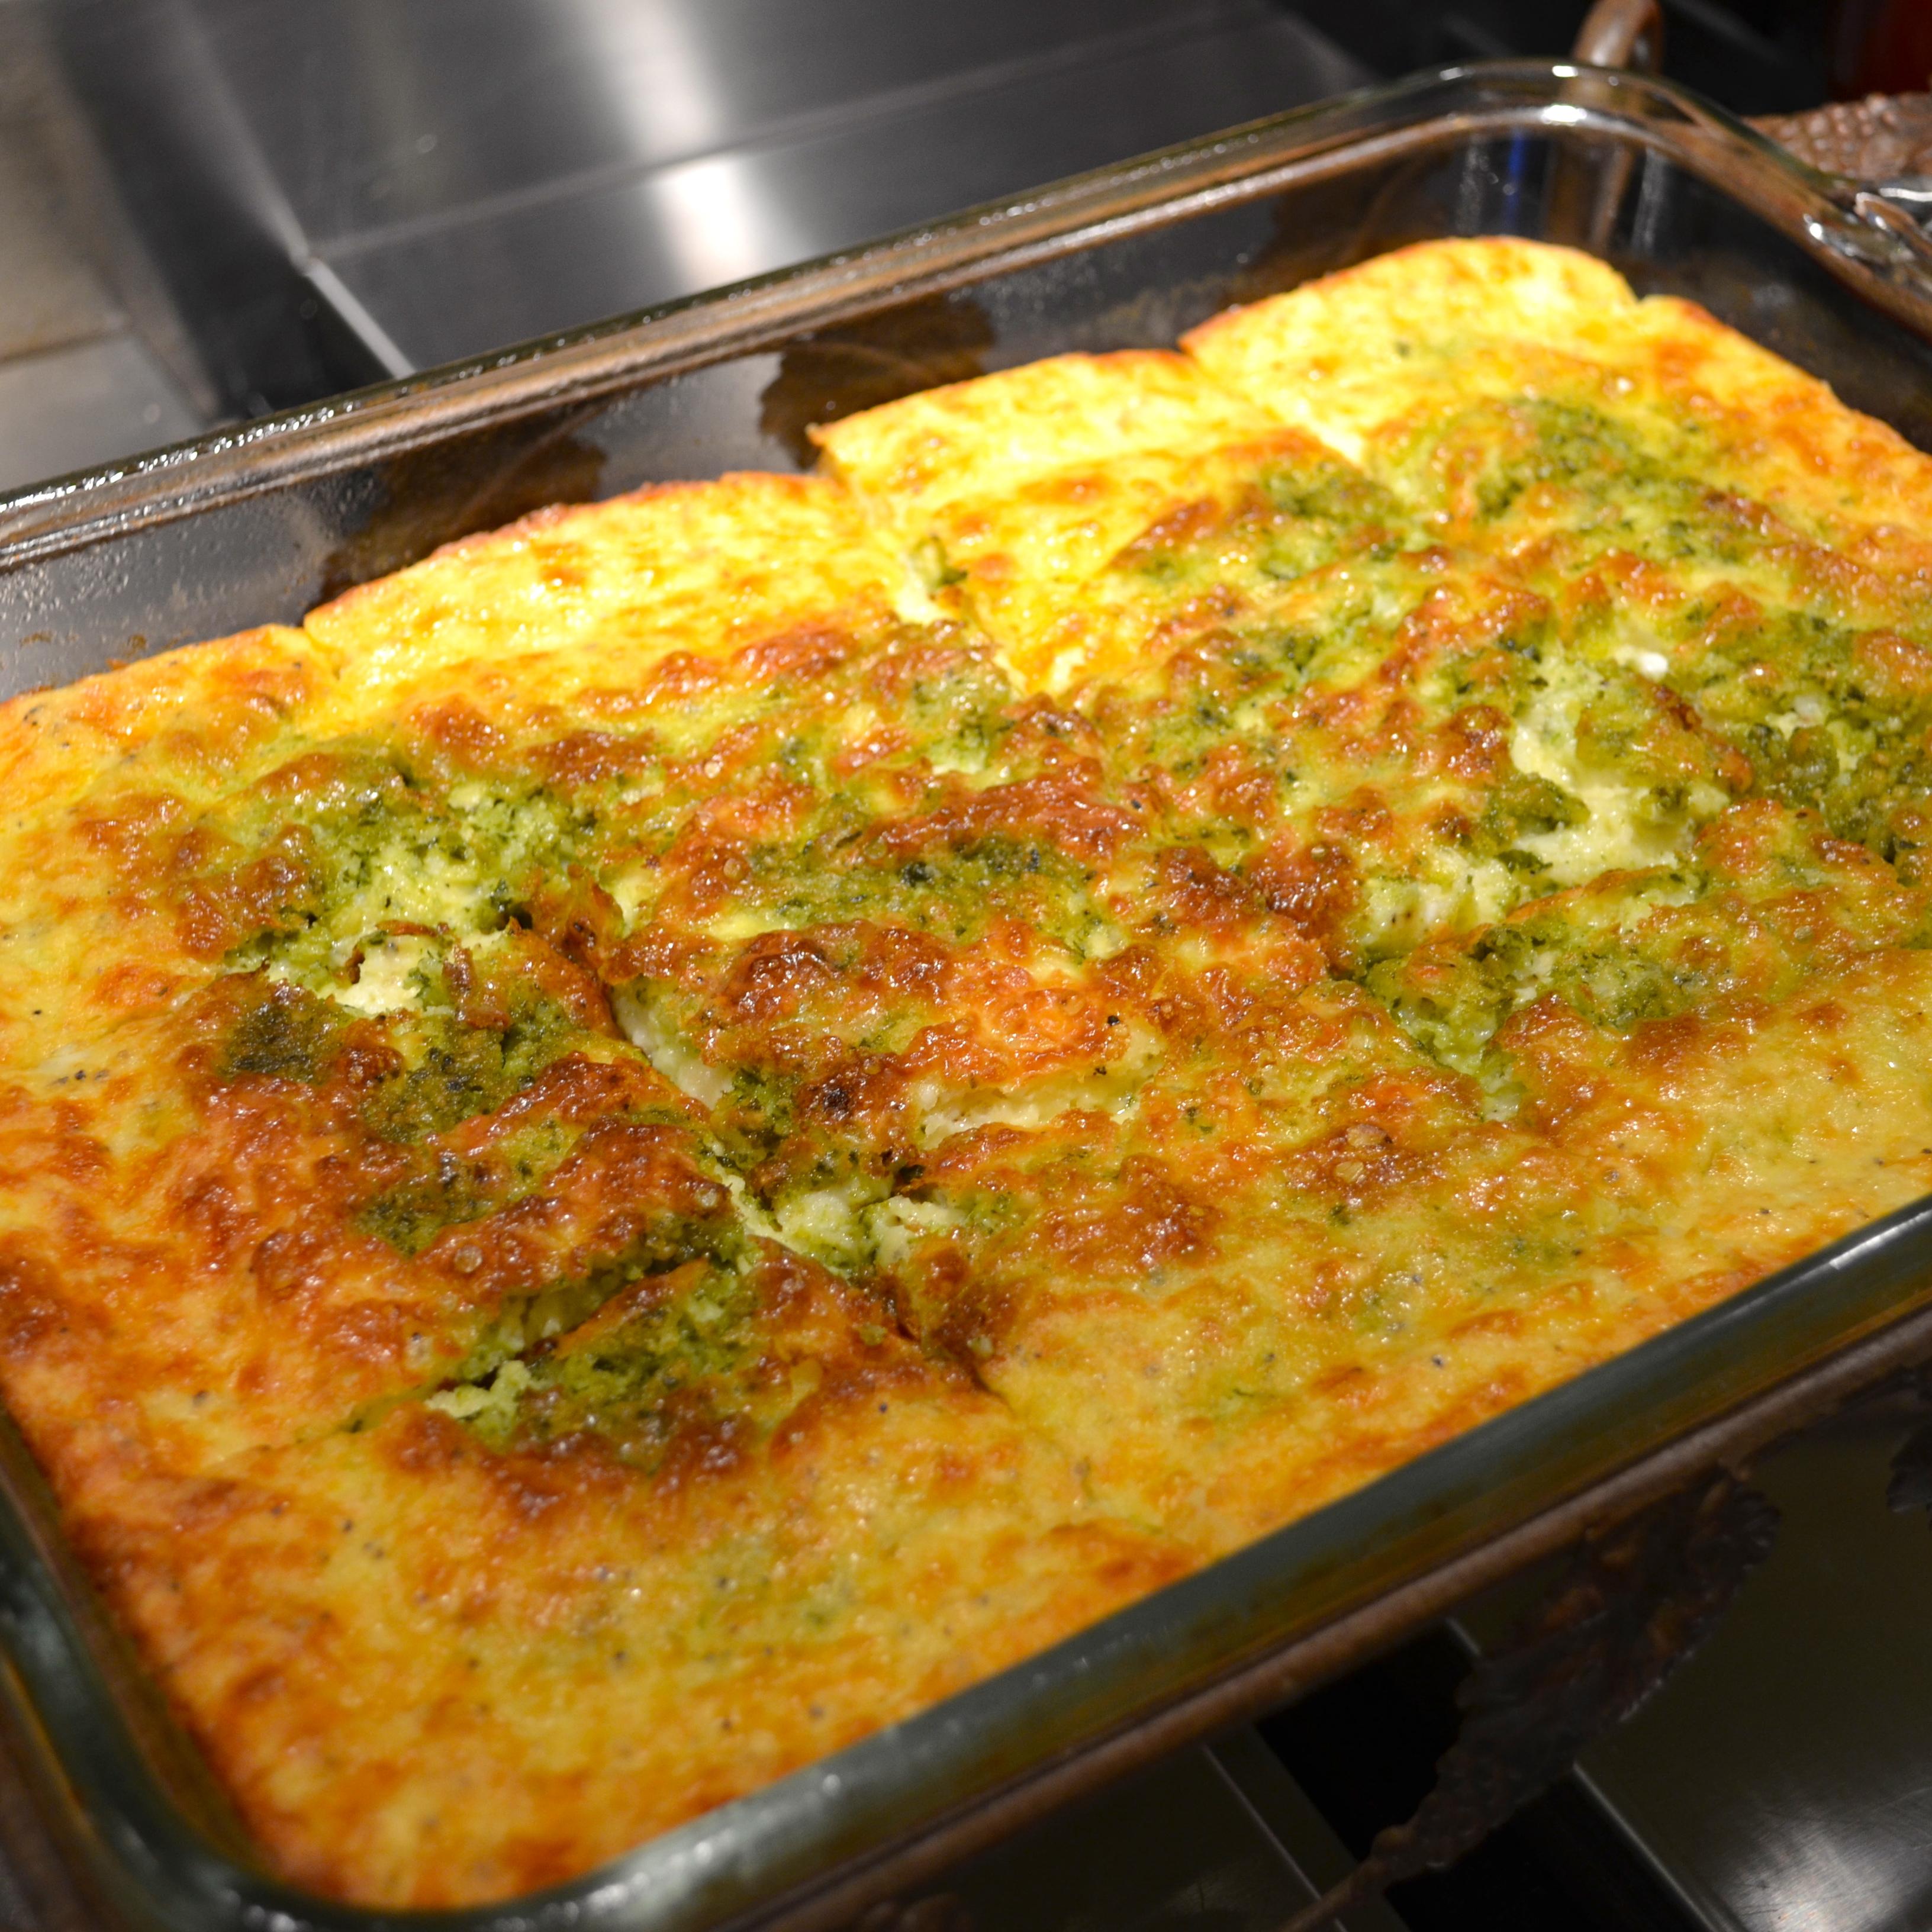 Garden Vegetable Crustless Quiche: Basic Crustless Quiche Recipe